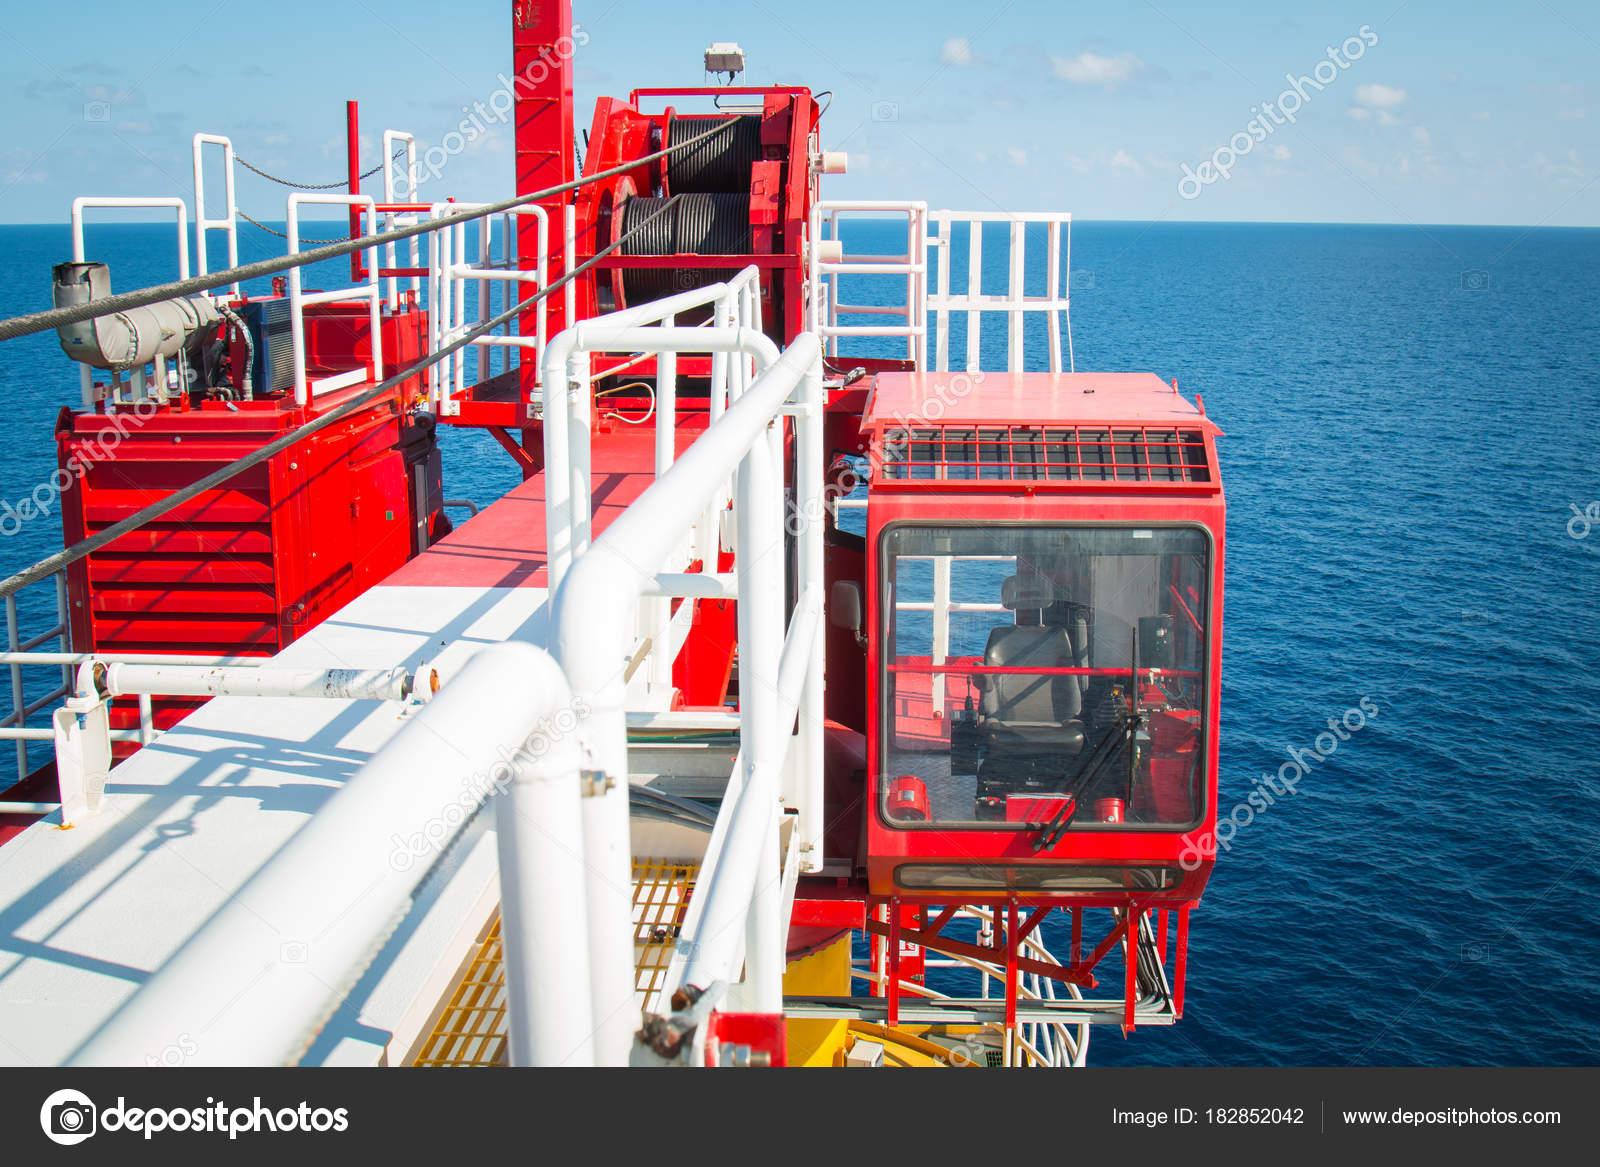 Crane control cabin, Pedestal crane winch, Steel wire rope on pr ...